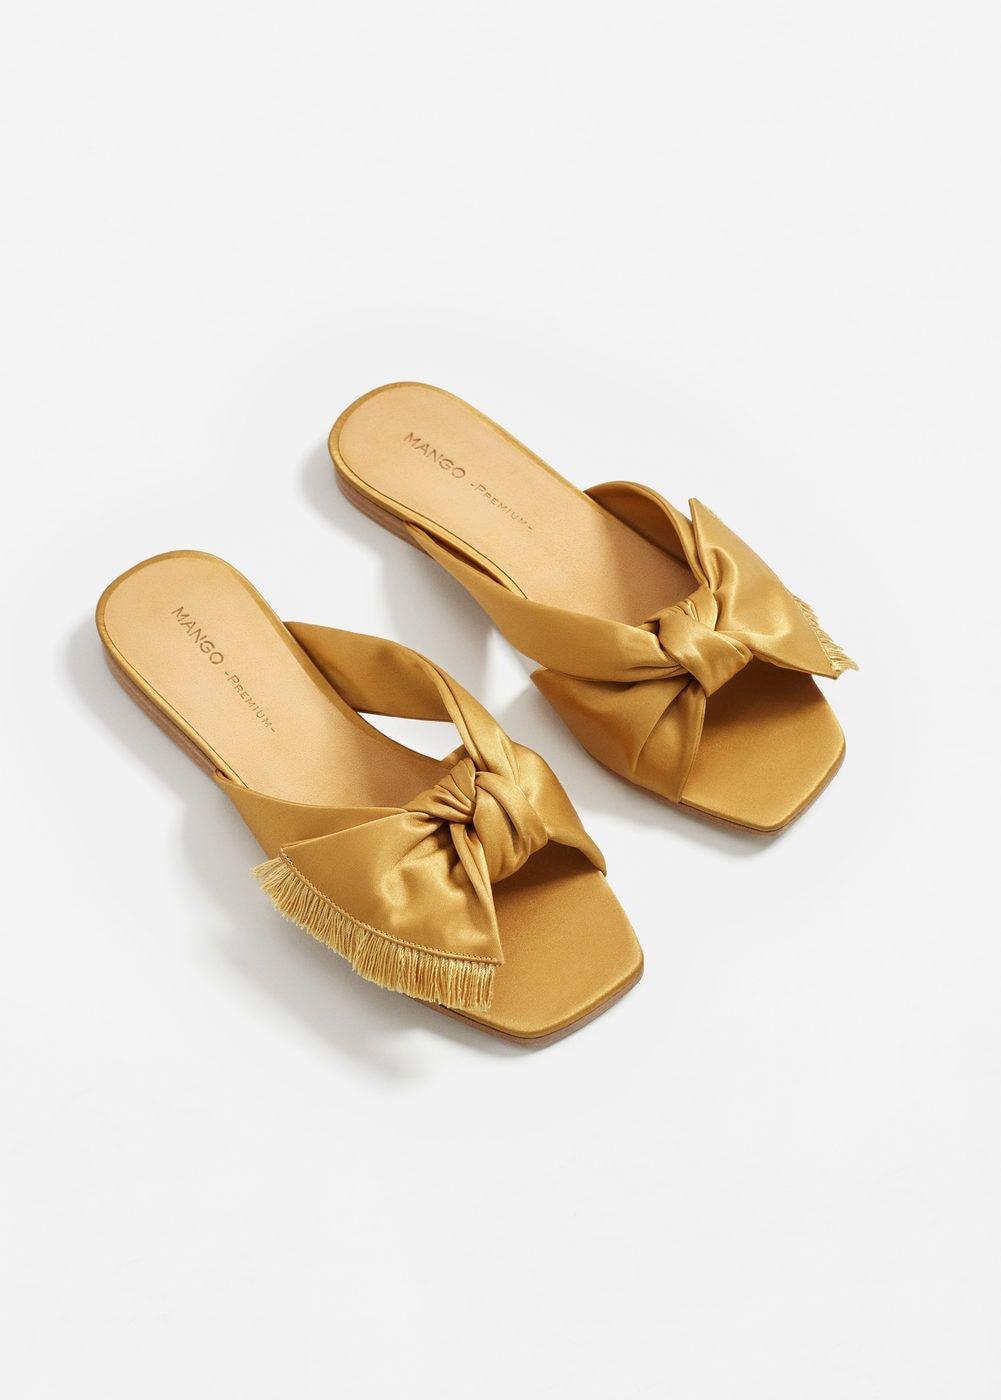 6ca882ae5476c Bow satin sandals - Women   一些美鞋   Sandals, Shoes, Shoes sandals